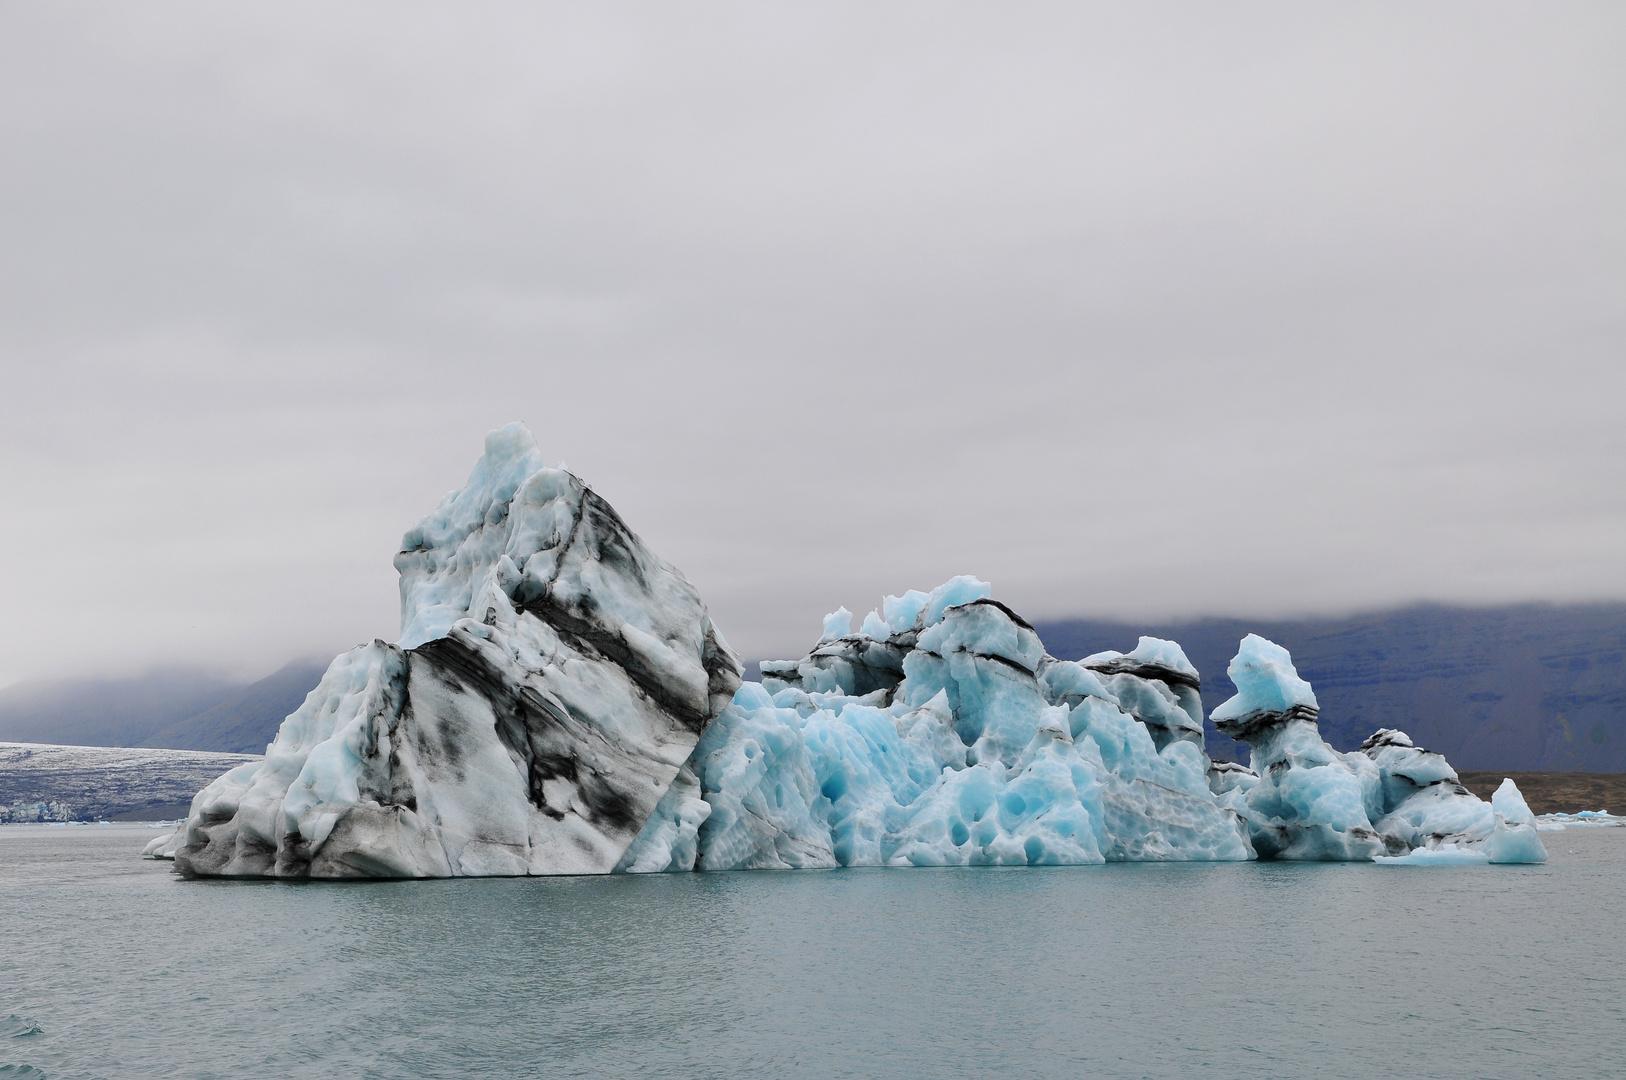 Eisberg mit Lavaascheschichten in der Gletscherlagune Jökulsárlón